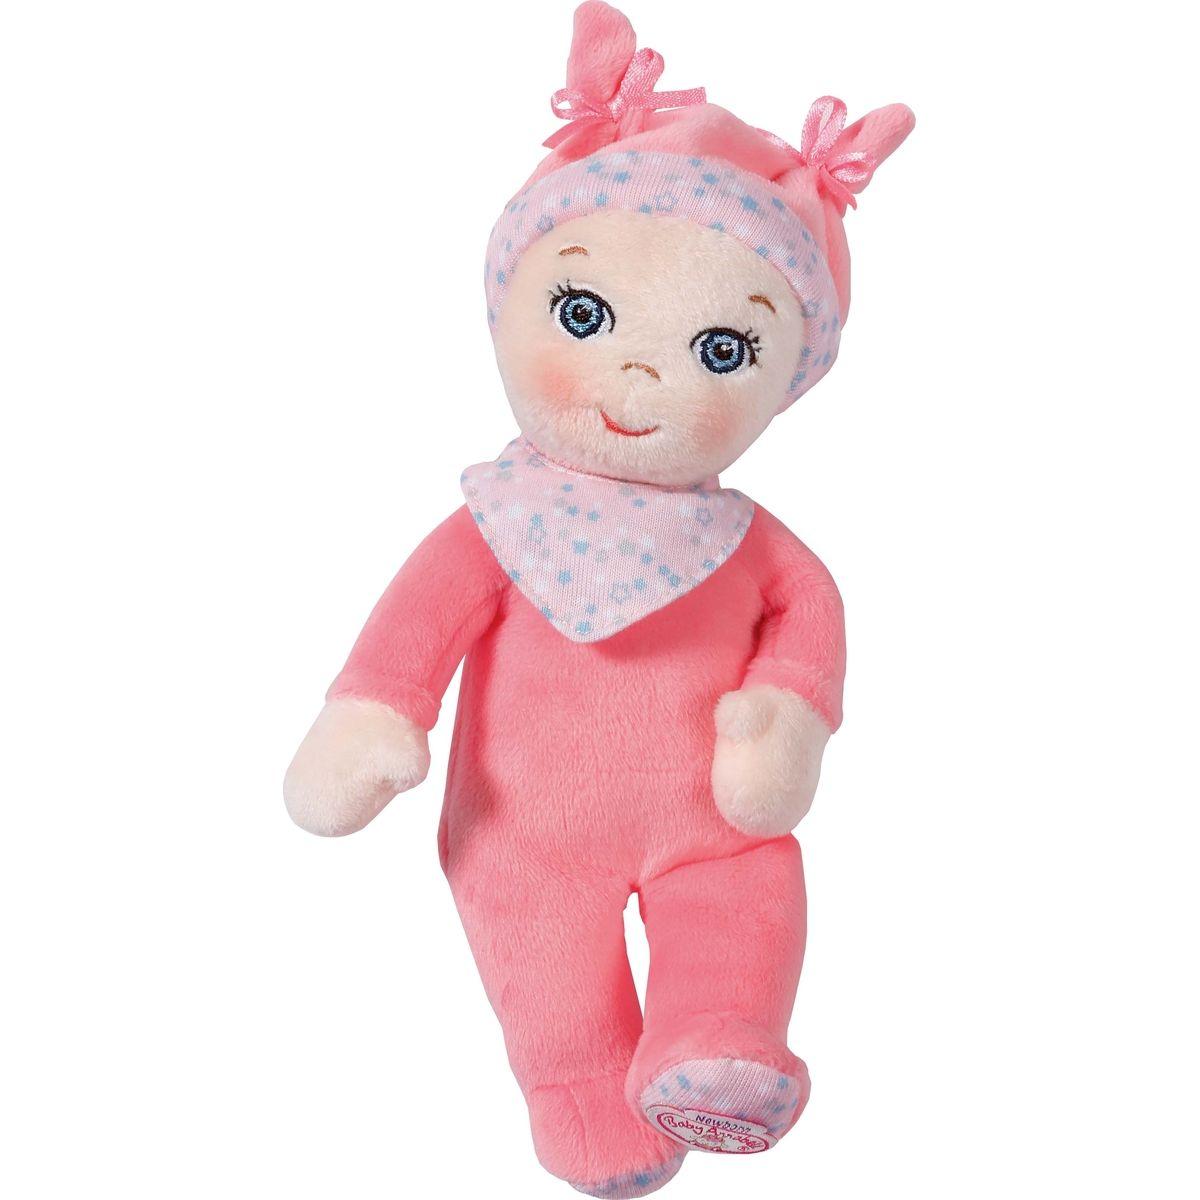 Panenka Baby Annabell Newborn Mini Soft